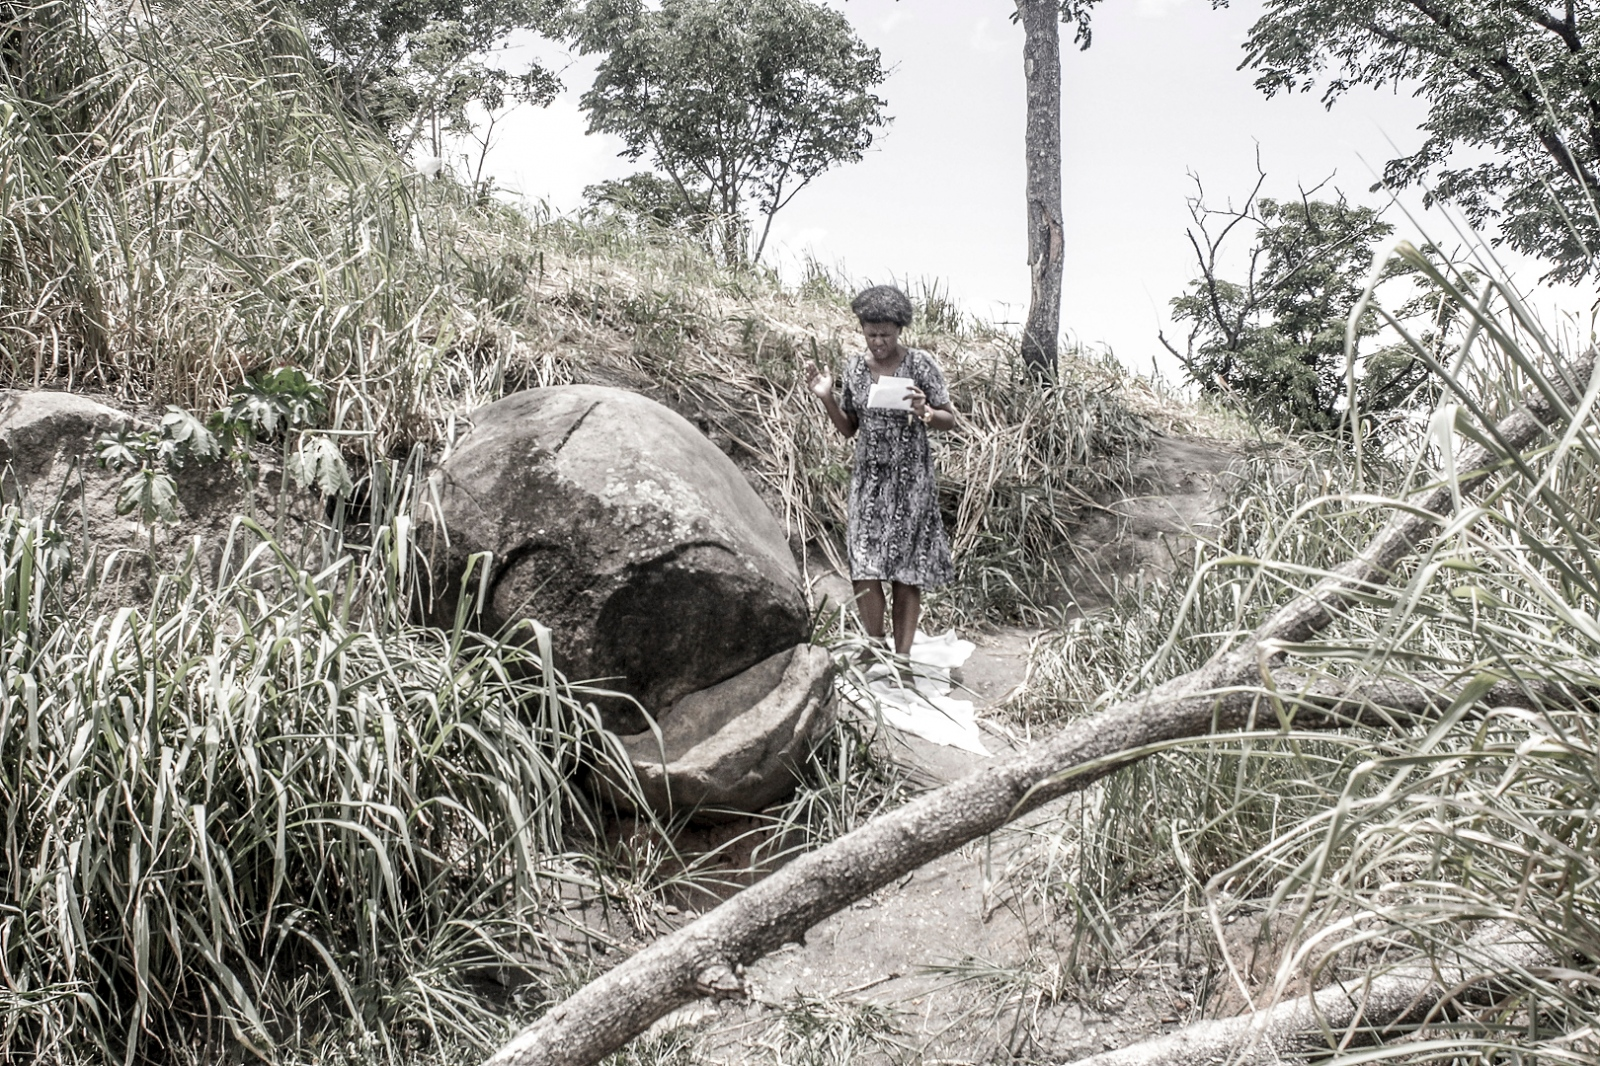 Art and Documentary Photography - Loading hills_of_faith002.JPG